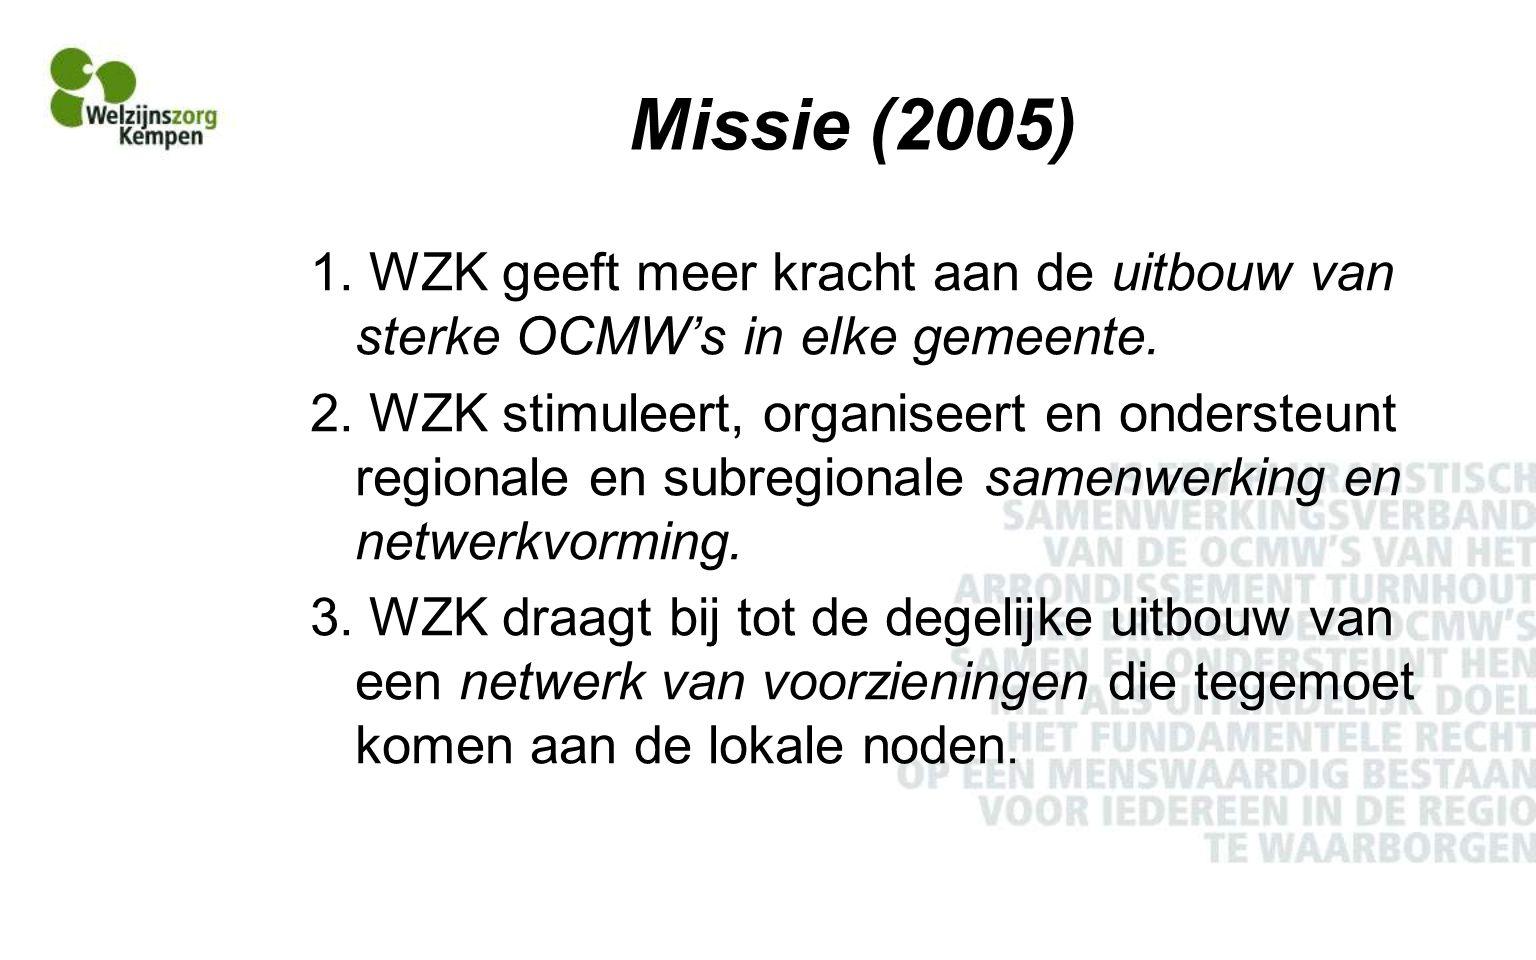 Missie (2005) 1. WZK geeft meer kracht aan de uitbouw van sterke OCMW's in elke gemeente.